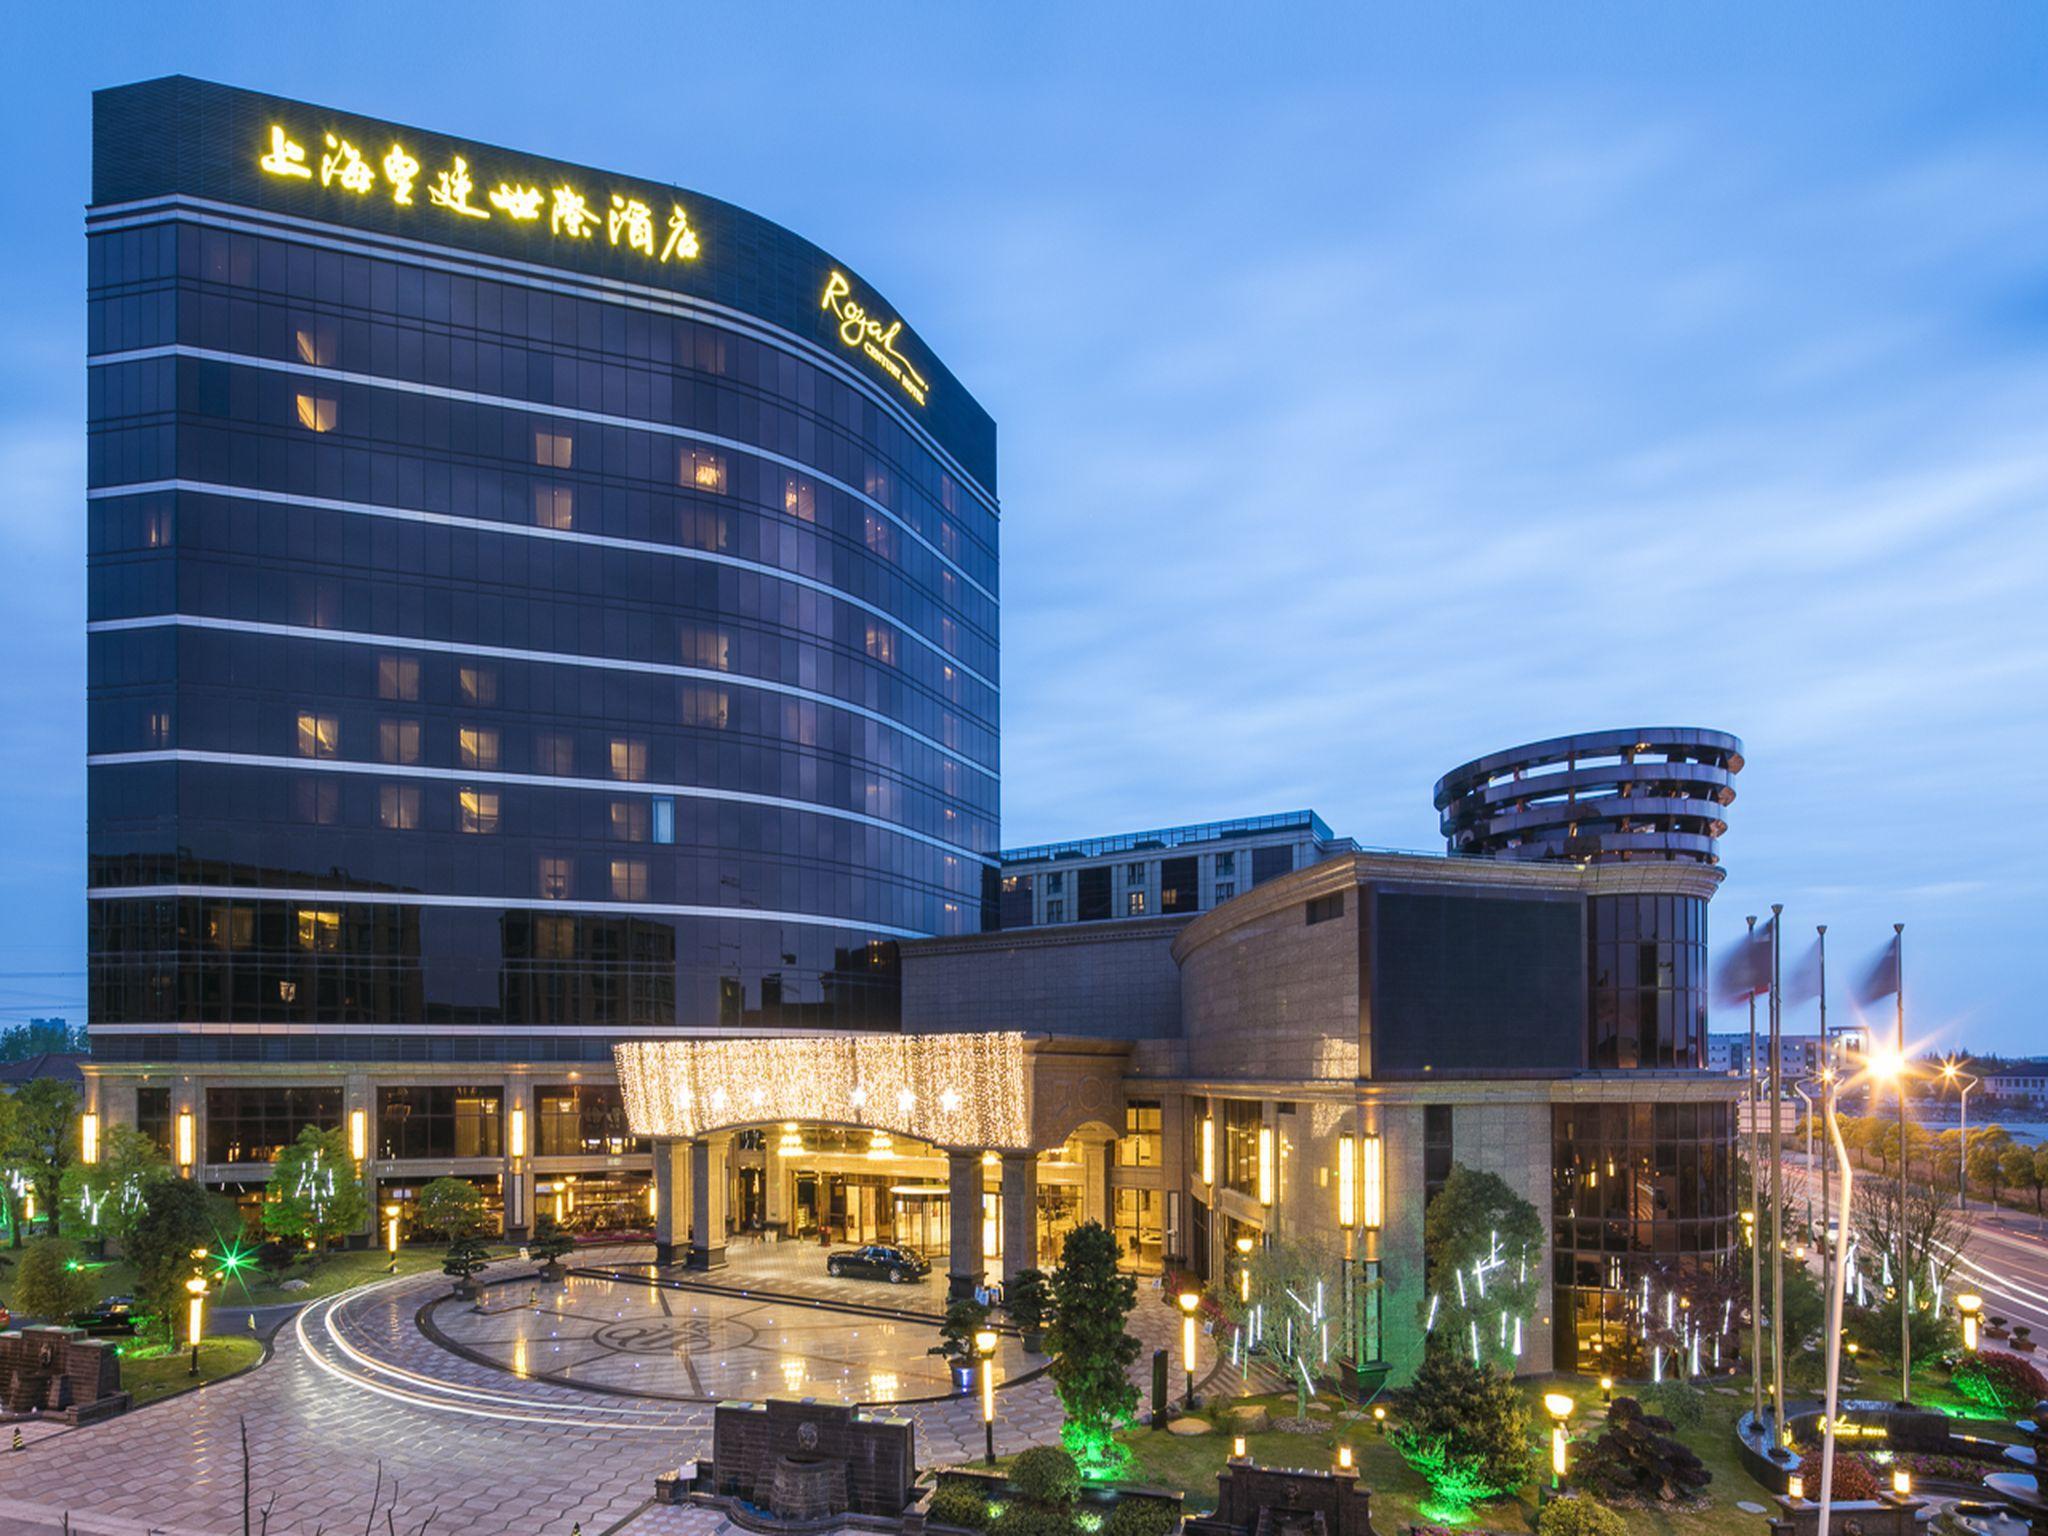 Hotels Near Shanghai Disneyland Shanghai Best Hotel Rates